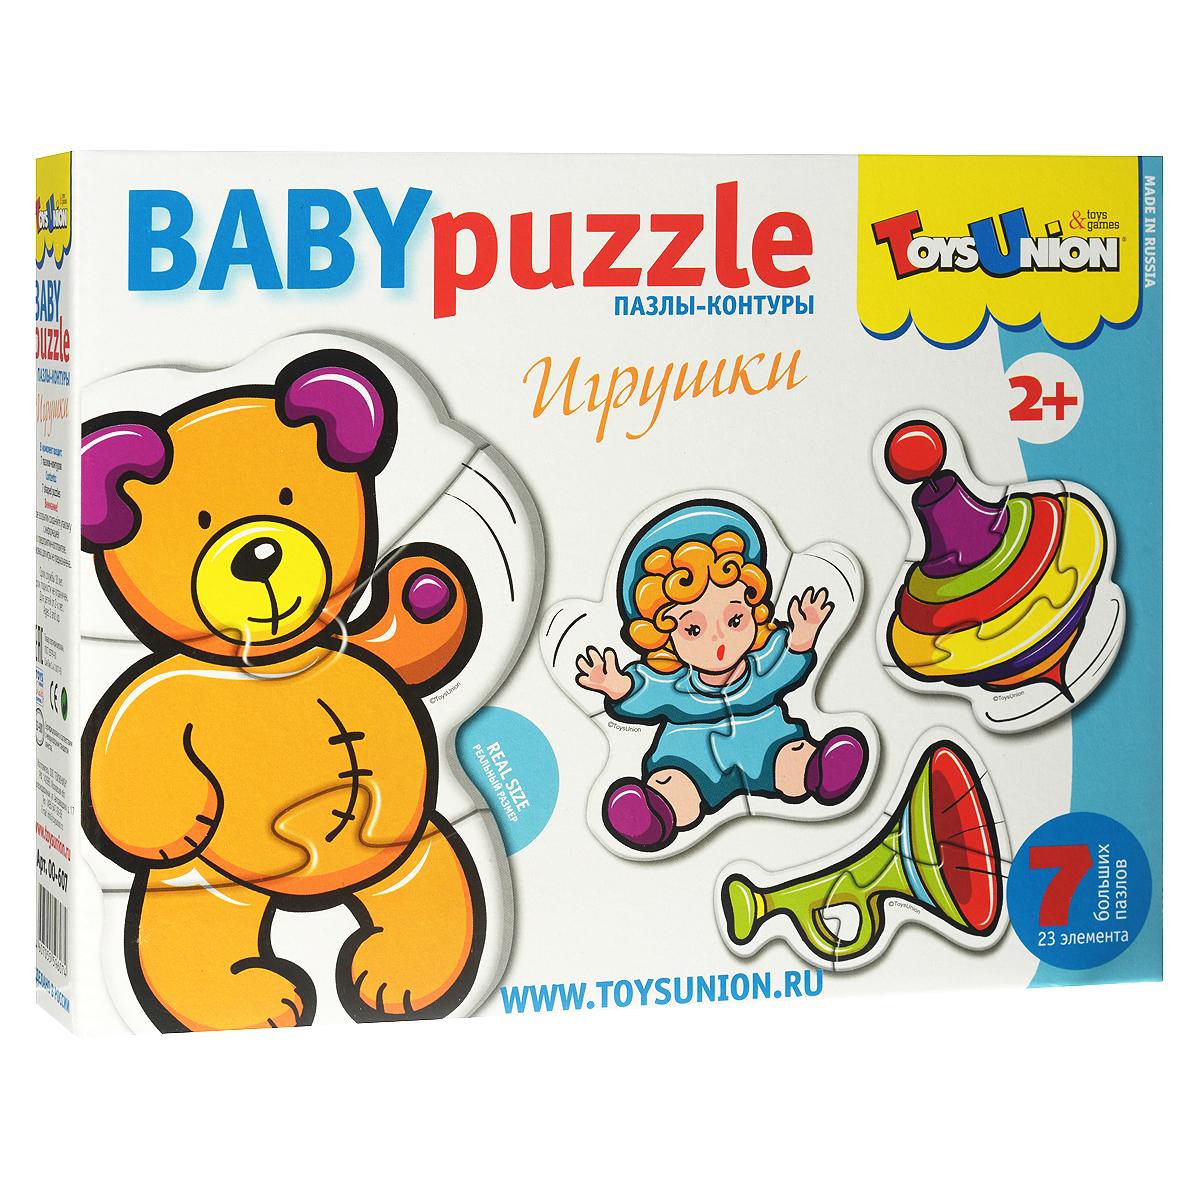 Пазл ToysUnion Игрушки, фигурный, 7 в 1тю00-607Пазлы-контуры ToysUnion Игрушки - это увлекательная игра-головоломка, помогающая развивать у ребенка воображение, пространственное восприятие, память. Пазлы предназначены специально для маленьких детей. Малышу будет удобно брать крупные элементы в руки и самостоятельно собирать картинки. В комплект входит 23 картонных элемента, из которых можно собрать 7 картинок с изображениями игрушек. Процесс собирания пазлов способствует развитию не только образного, но и логического мышления, произвольного внимания, восприятия. В частности, различению отдельных элементов по цвету, форме, размеру и т. д. Процесс собирания пазлов учит правильно воспринимать связь между частью и целым. Веселые и добрые картинки, крупные детали, выполненные из высококачественного и экологически чистого материала, доставят вашему ребенку радость и помогут познать окружающий мир.